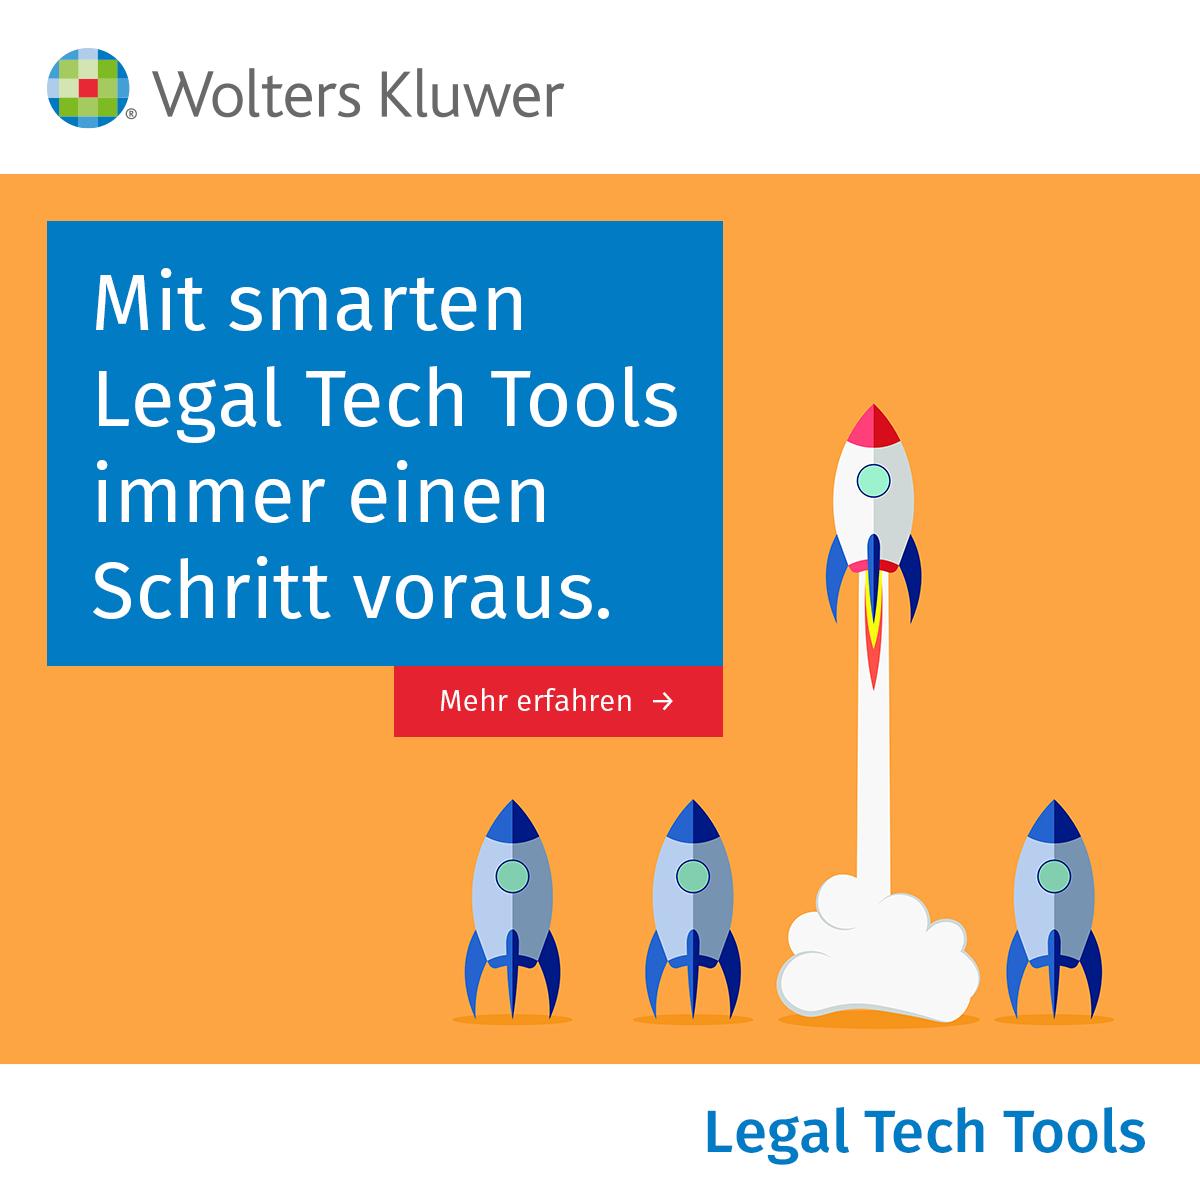 LegalTechTools